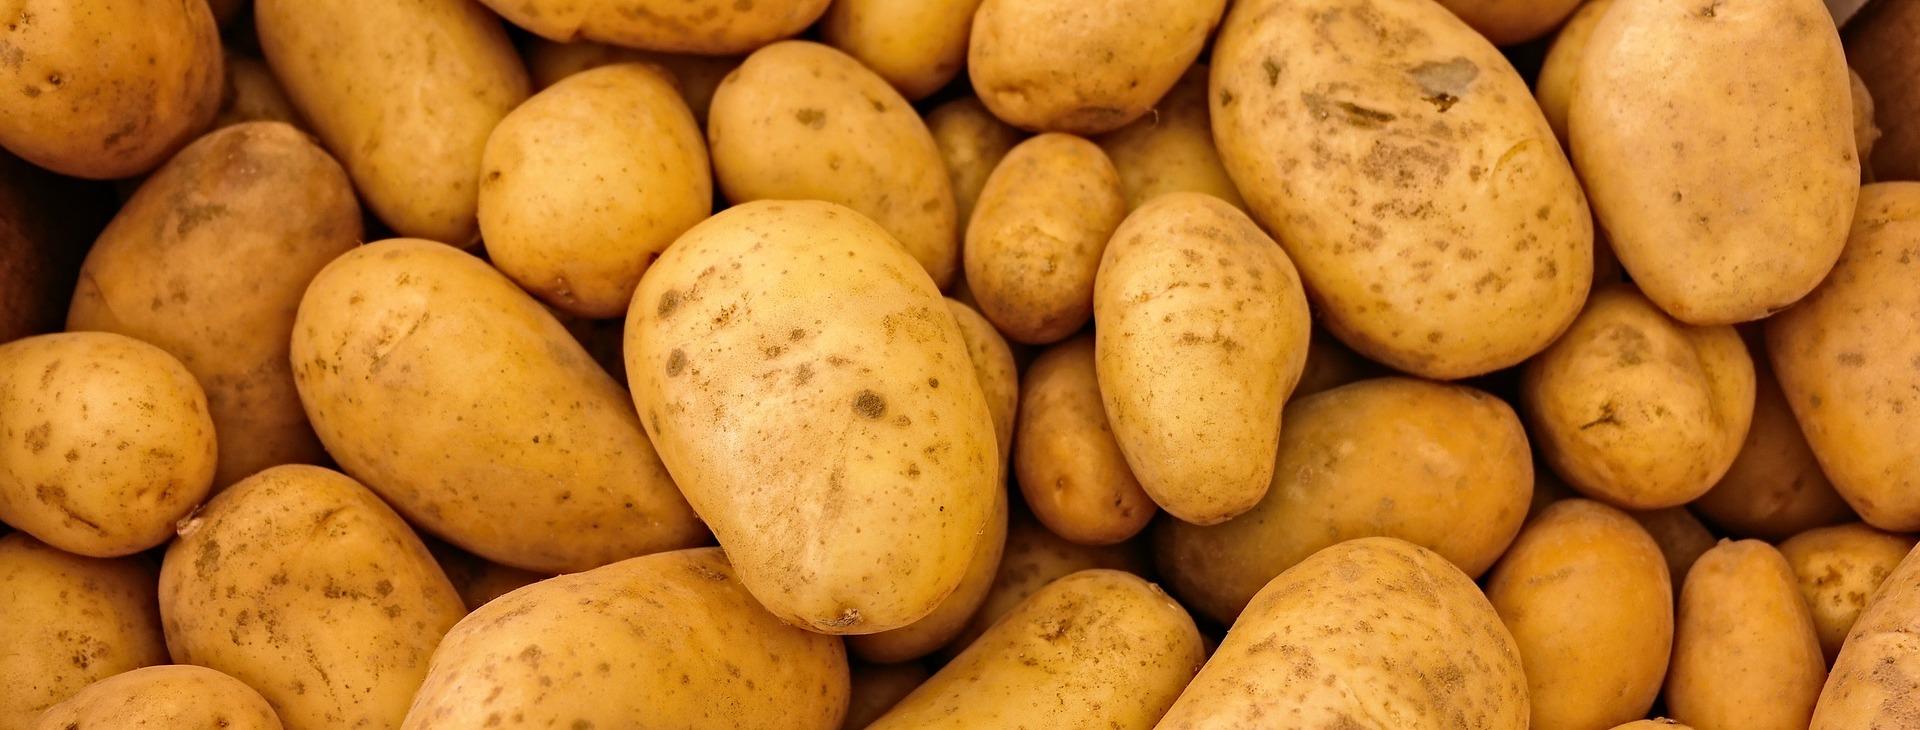 Gendyrk dine kartofler